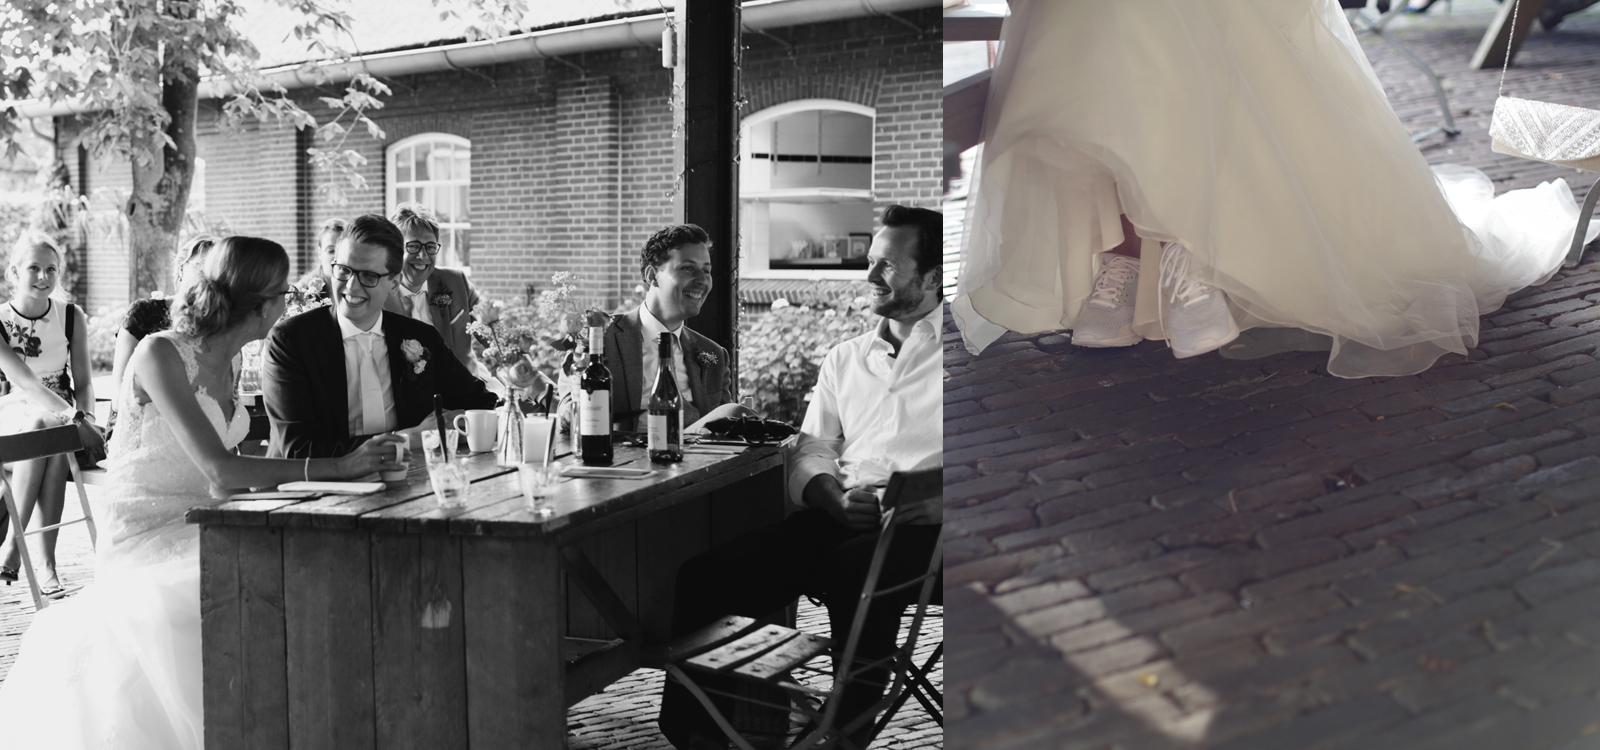 Spontane trouwfotografie door een trouwfotograaf uit Amsterdam.